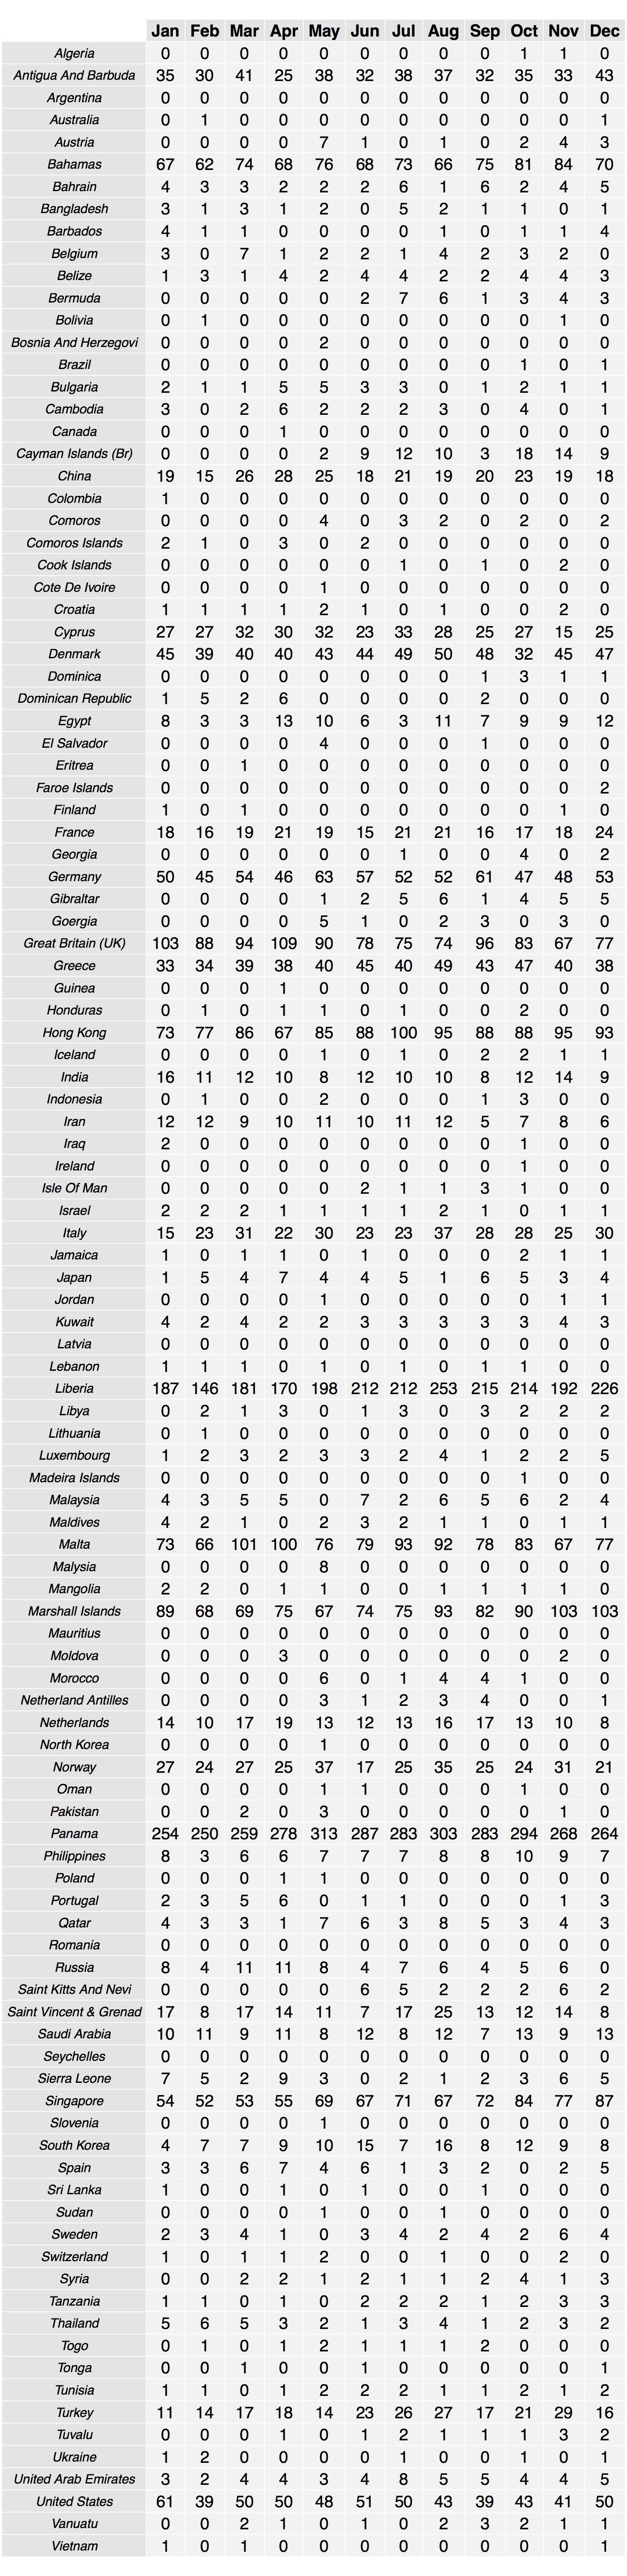 Statistics Z Table Pdf - Viewing Gallery Z Score Table Pdf